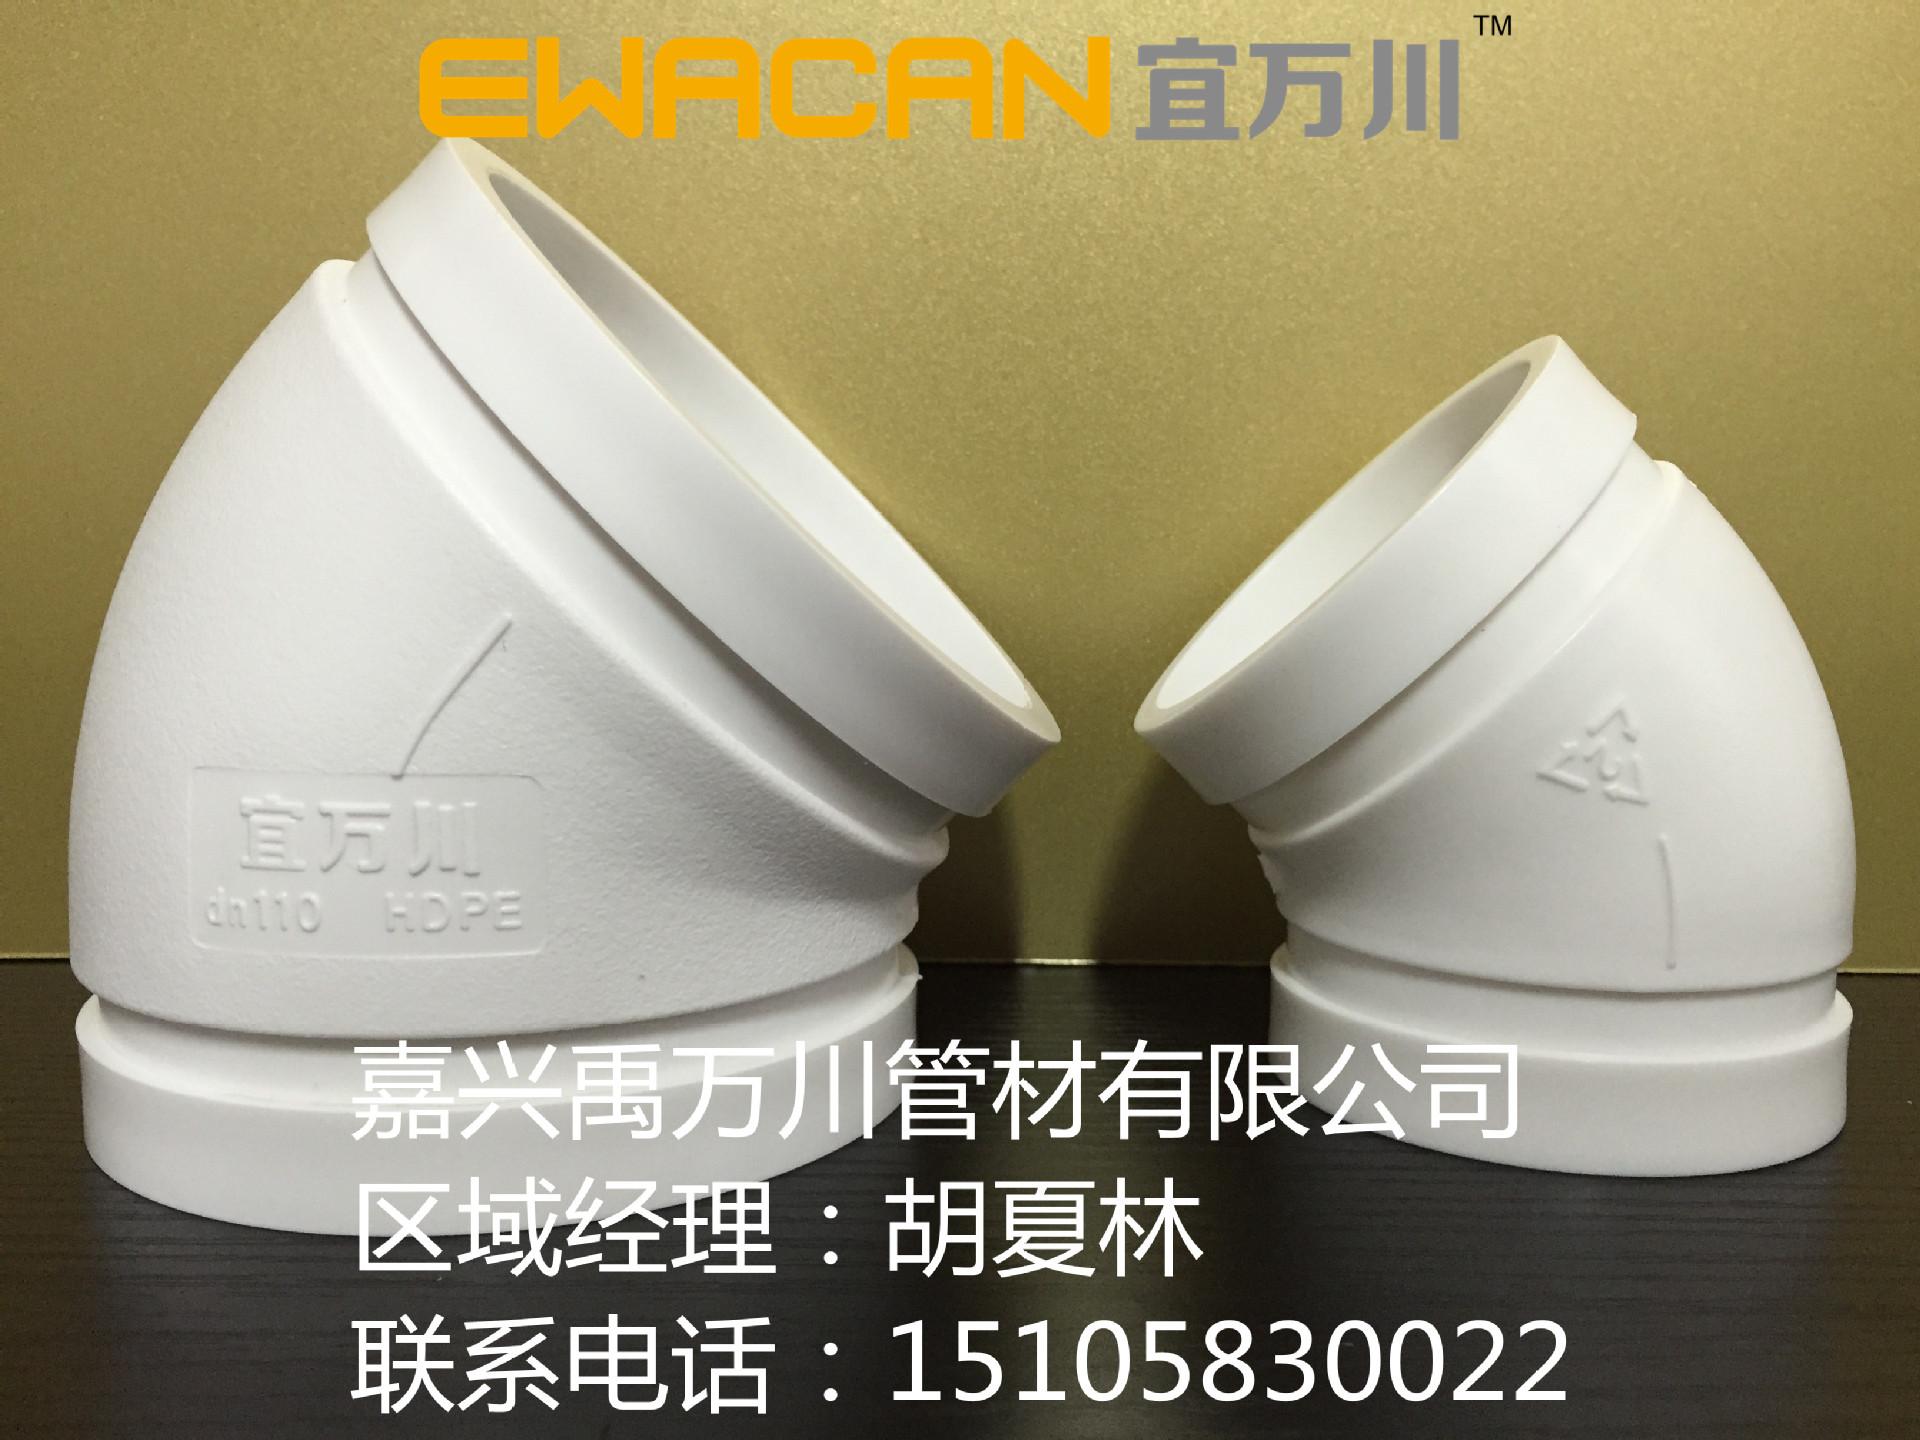 贵阳沟槽式HDPE超静音排水管,45度弯头,HDPE沟槽静音排水管,PE示例图8